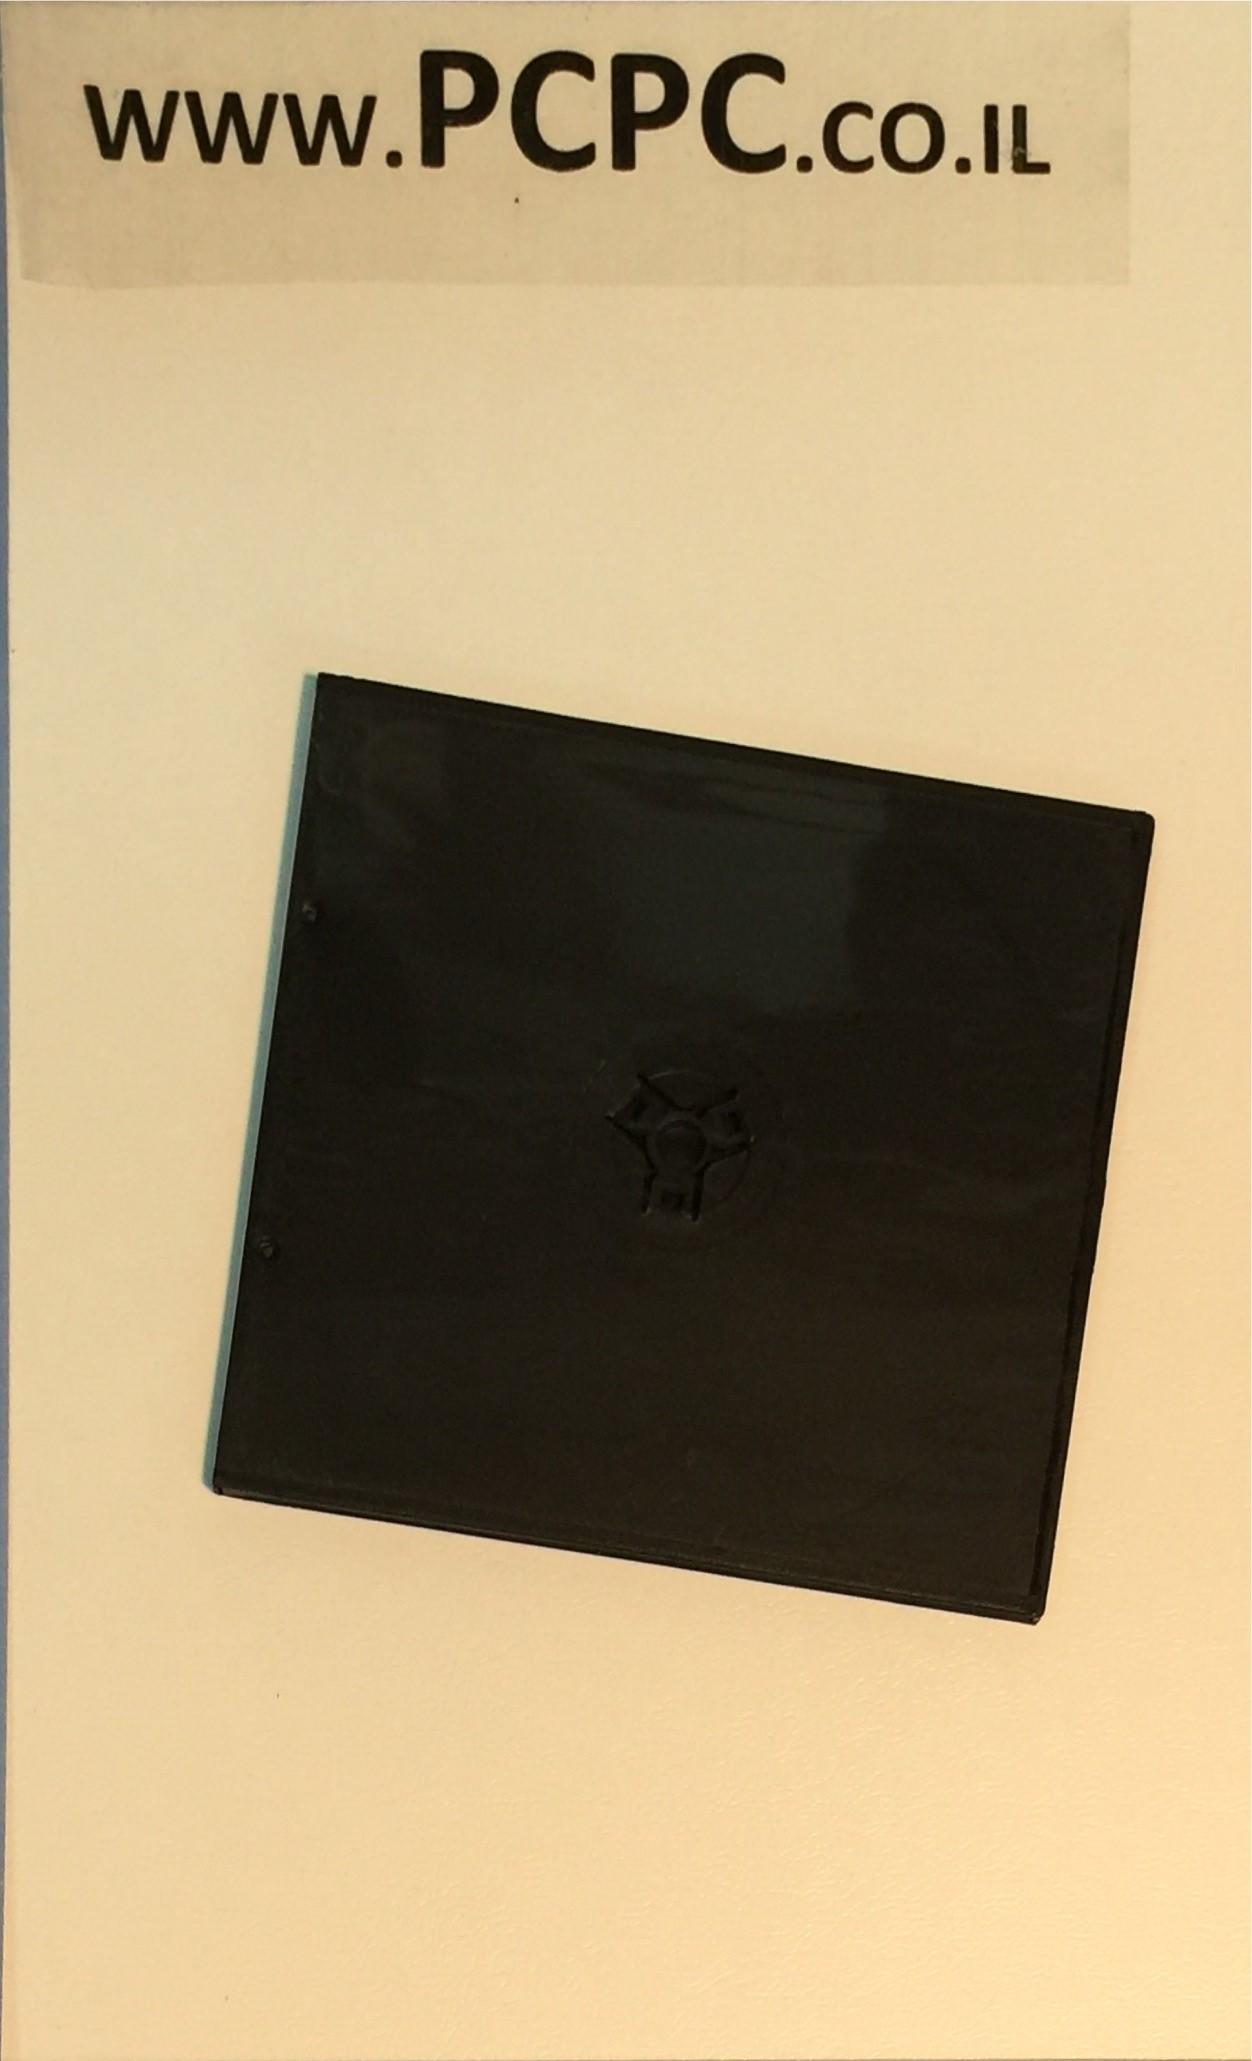 קופסה   ל 2 CDR  דקה מגש  שחור 5.2 ממ   SLIM